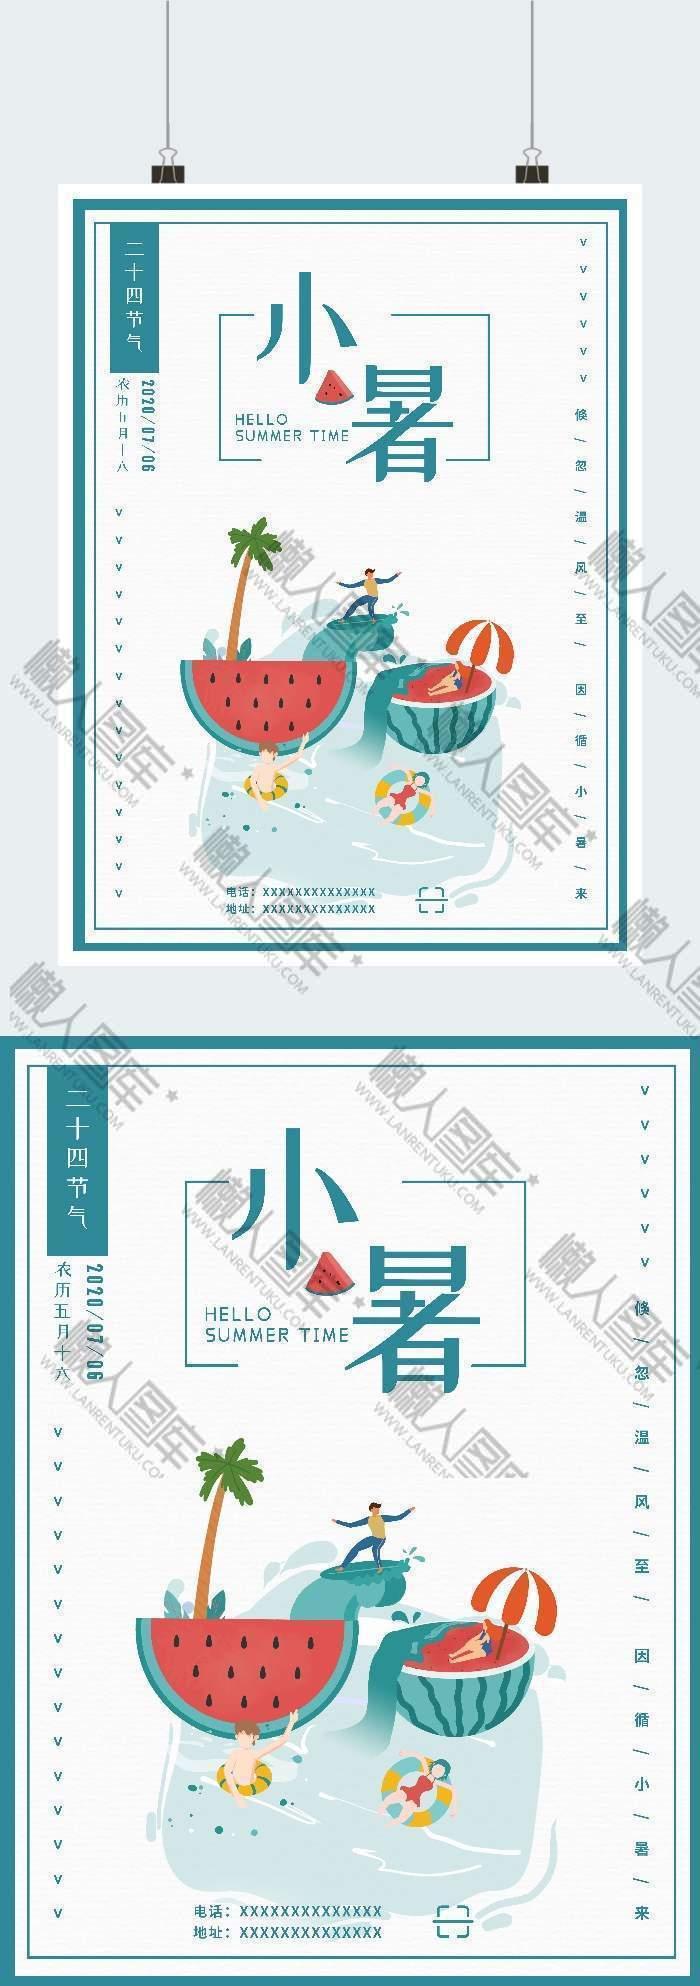 创意小暑节日节气广告平面海报图1